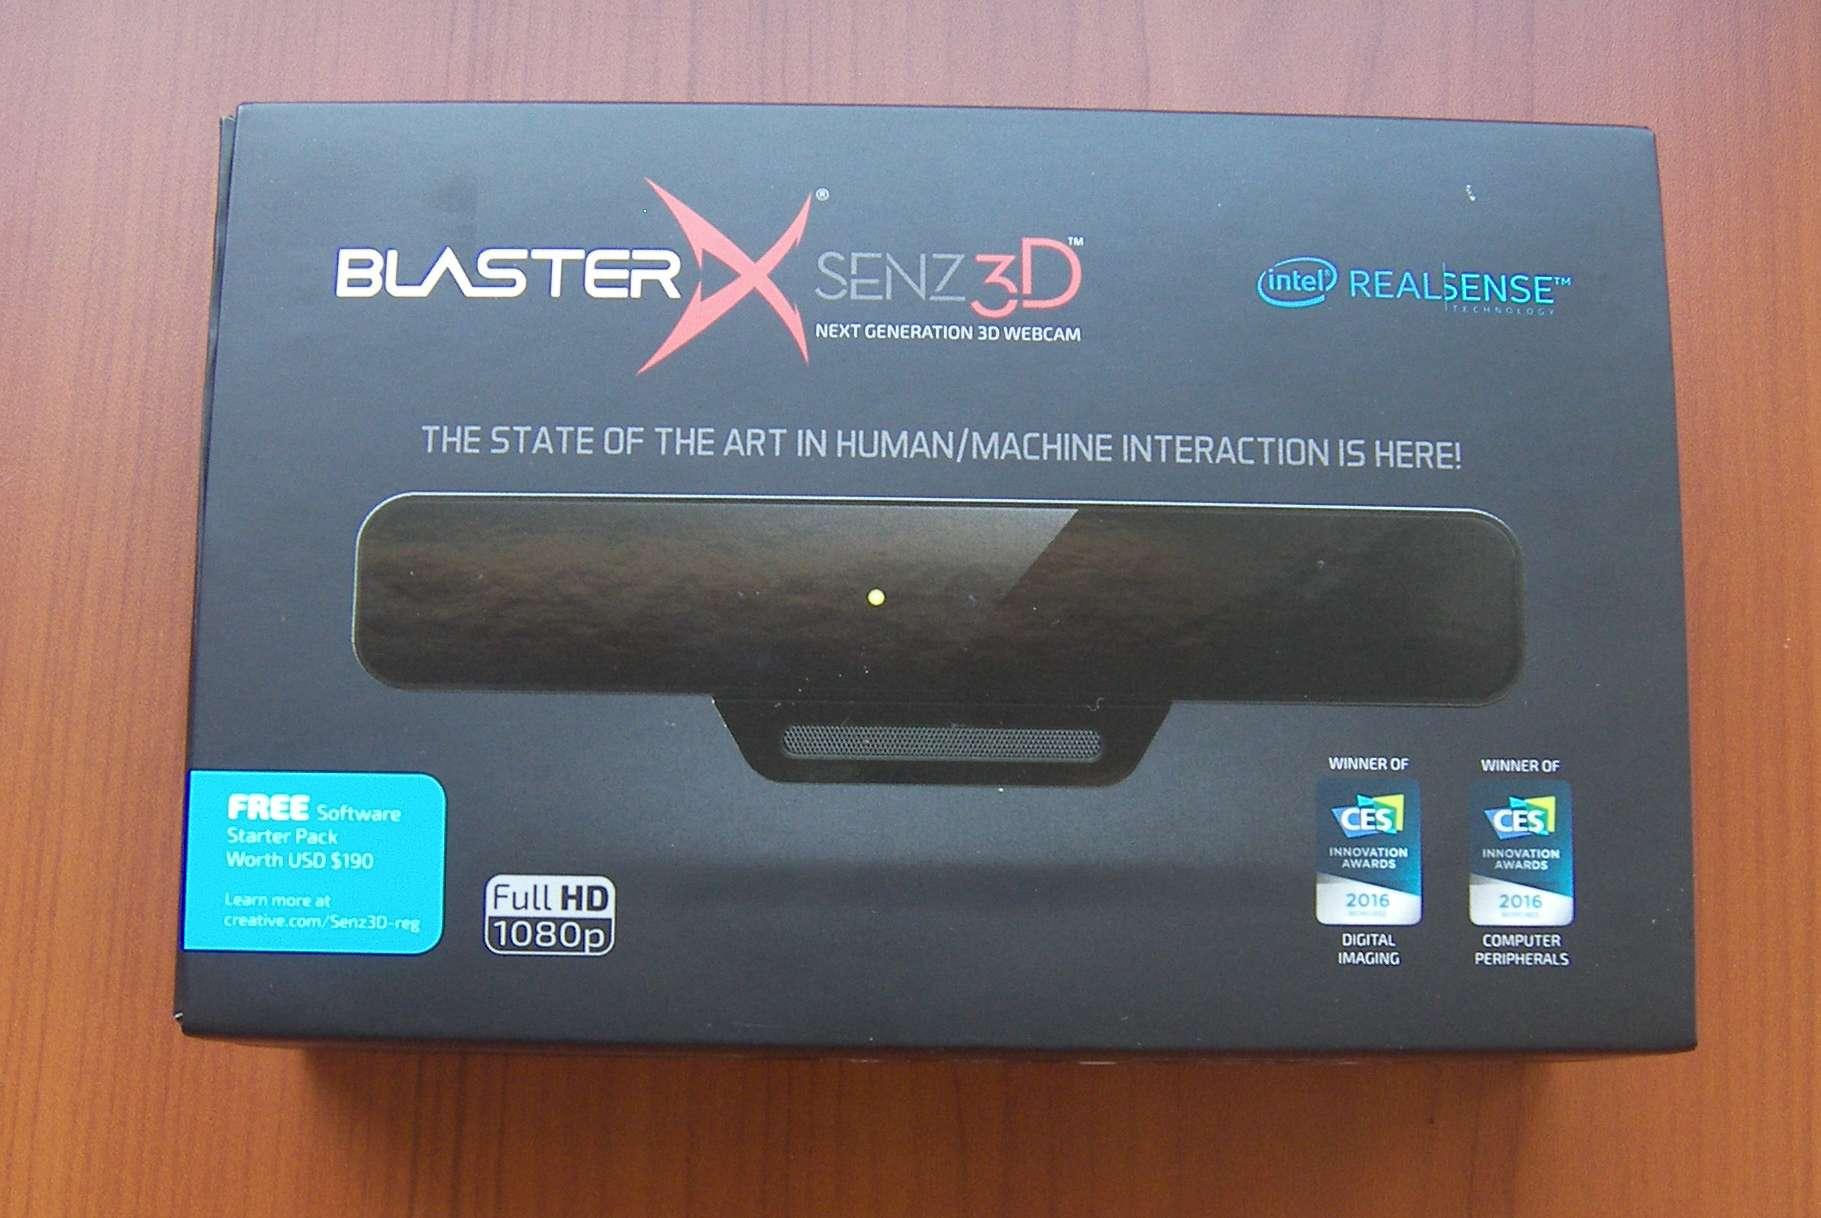 Creative-BlasterX-Senz3D Confezione